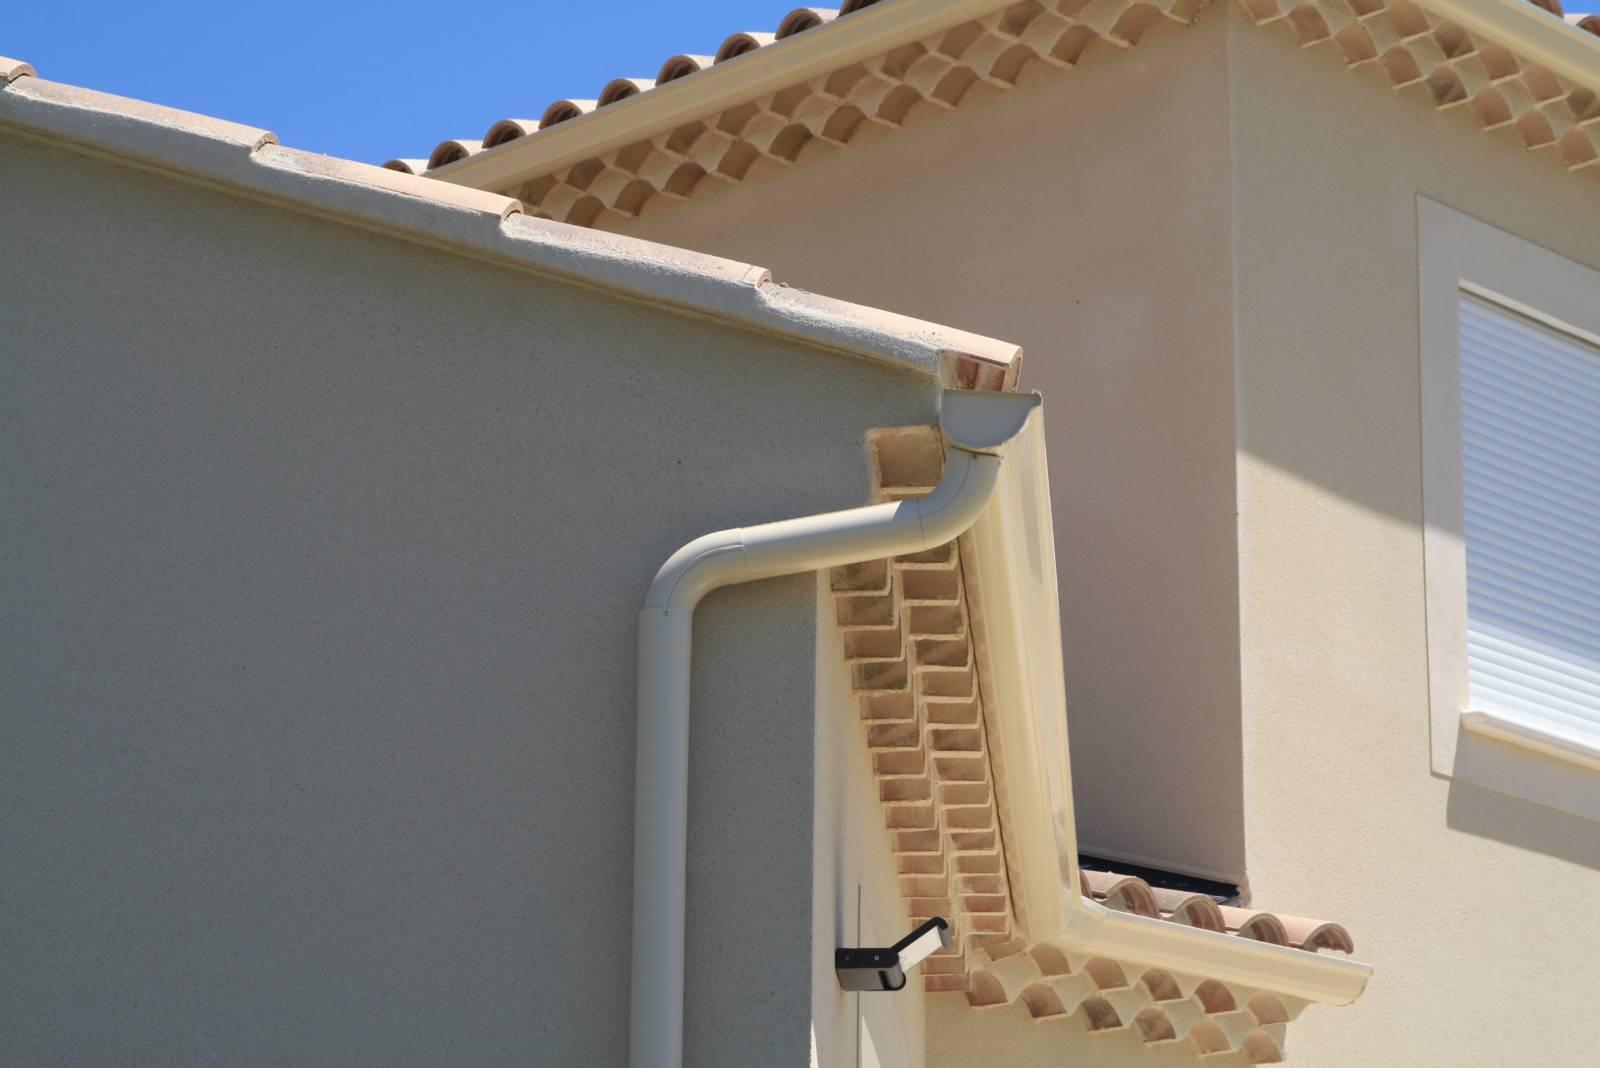 installation goutti re en aluminium forme demi ronde dr33 couleur ivoire 1001 goutti res. Black Bedroom Furniture Sets. Home Design Ideas